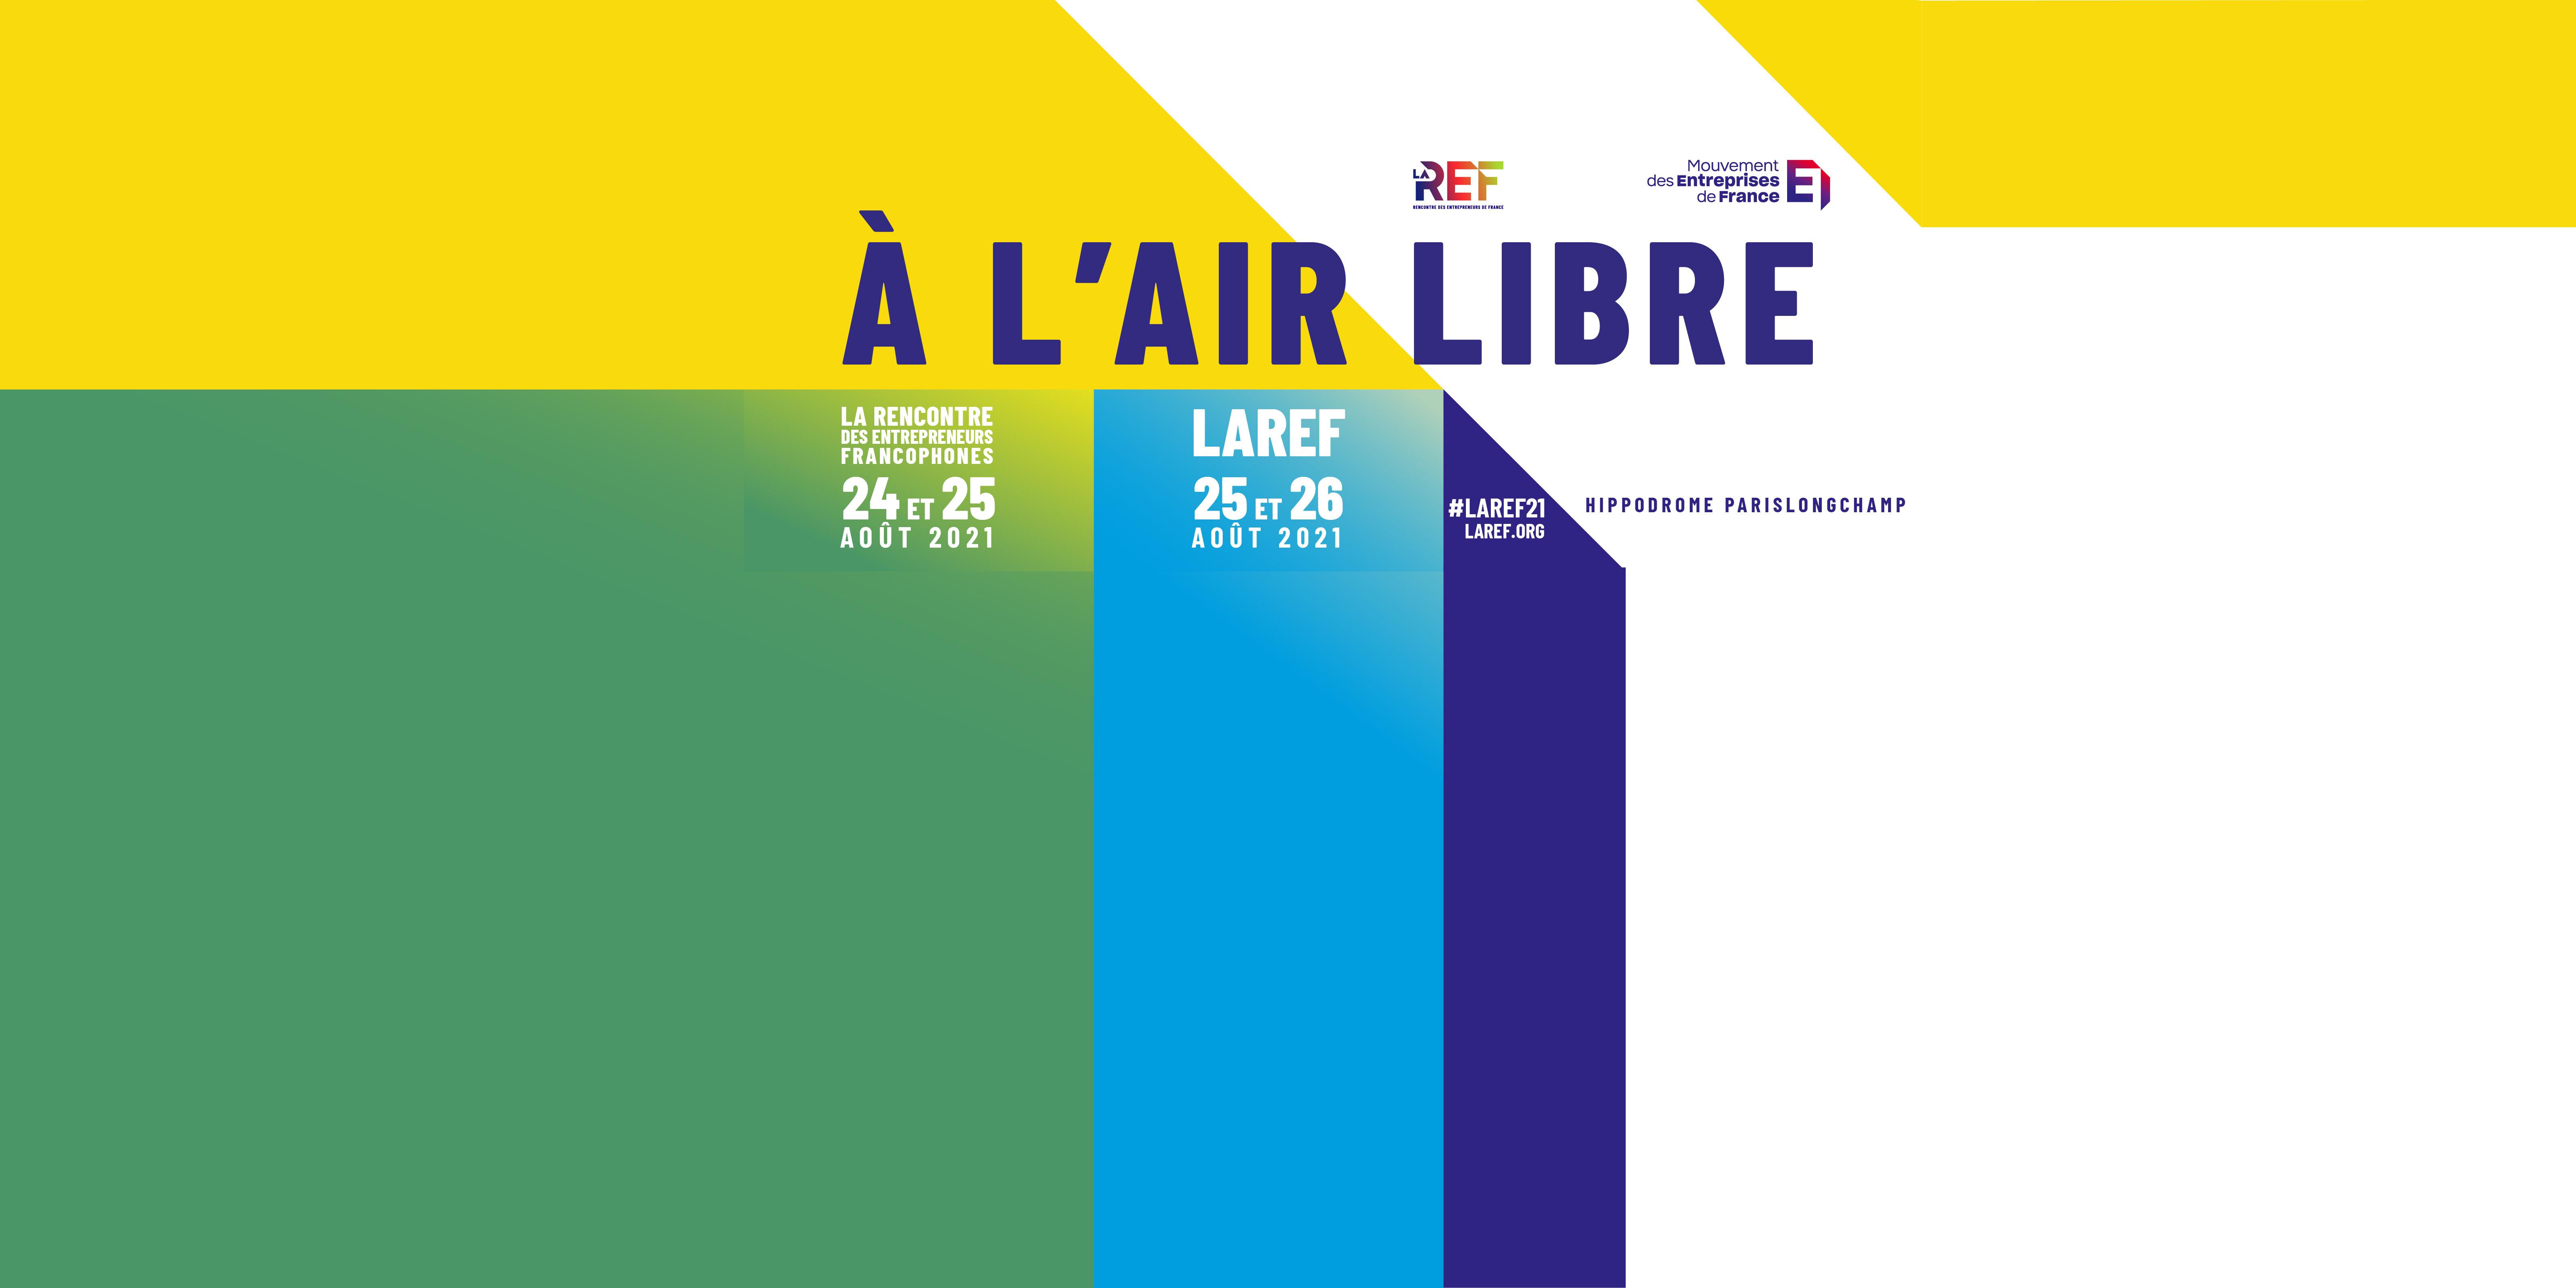 association rencontres francophones lille